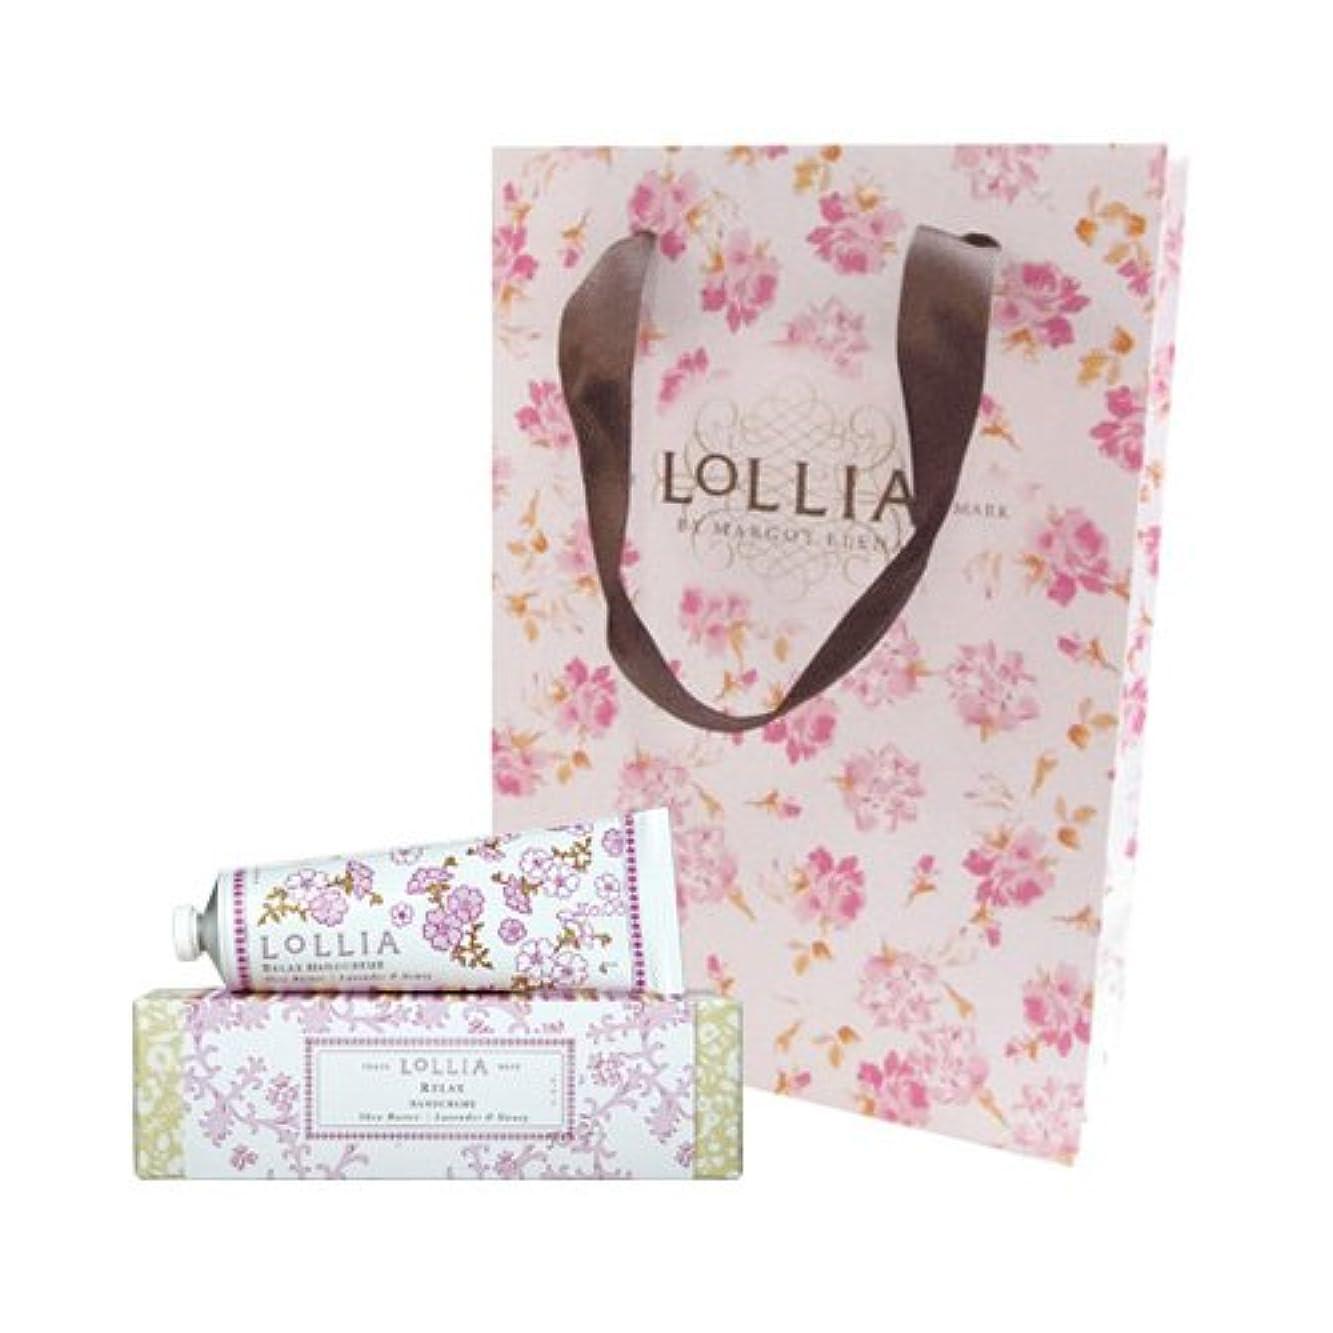 エゴイズム覚えている天才ロリア(LoLLIA) ハンドクリーム Relax 35g (蘭、ラベンダー、バニラとハニーの甘い香り) ショッパー付